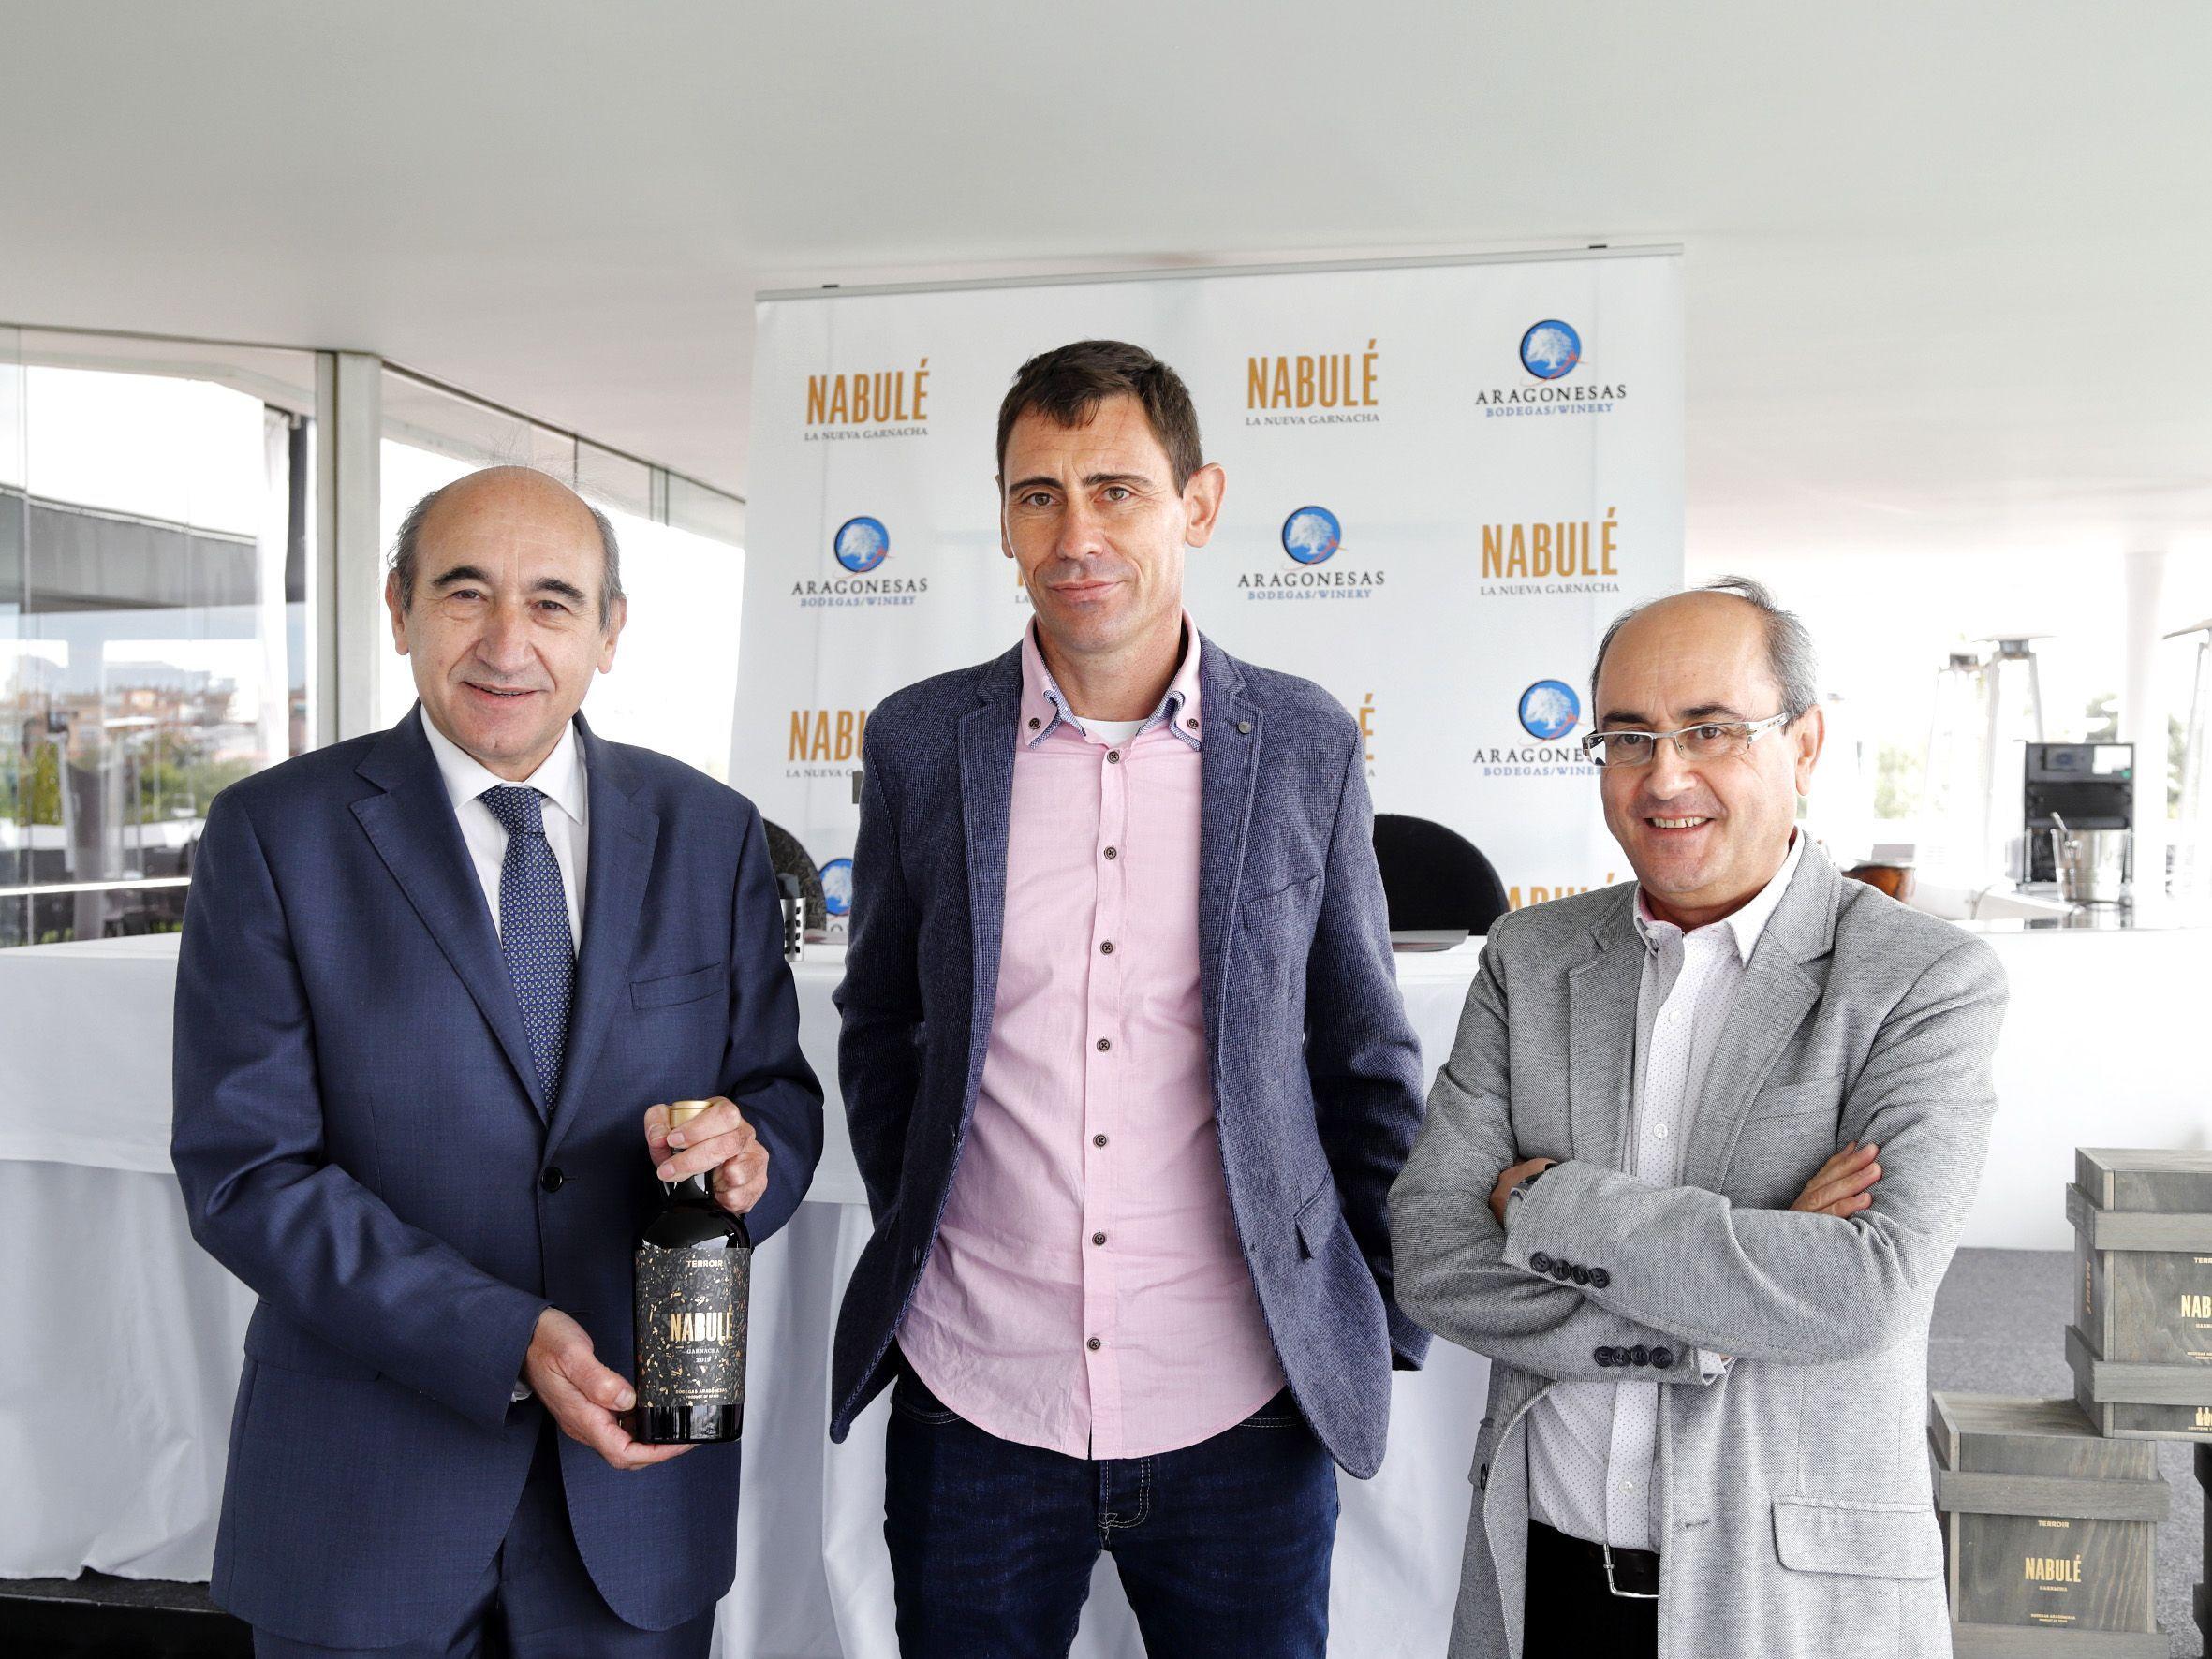 Nabulé, el nuevo concepto de garnacha de Bodegas Aragonesas